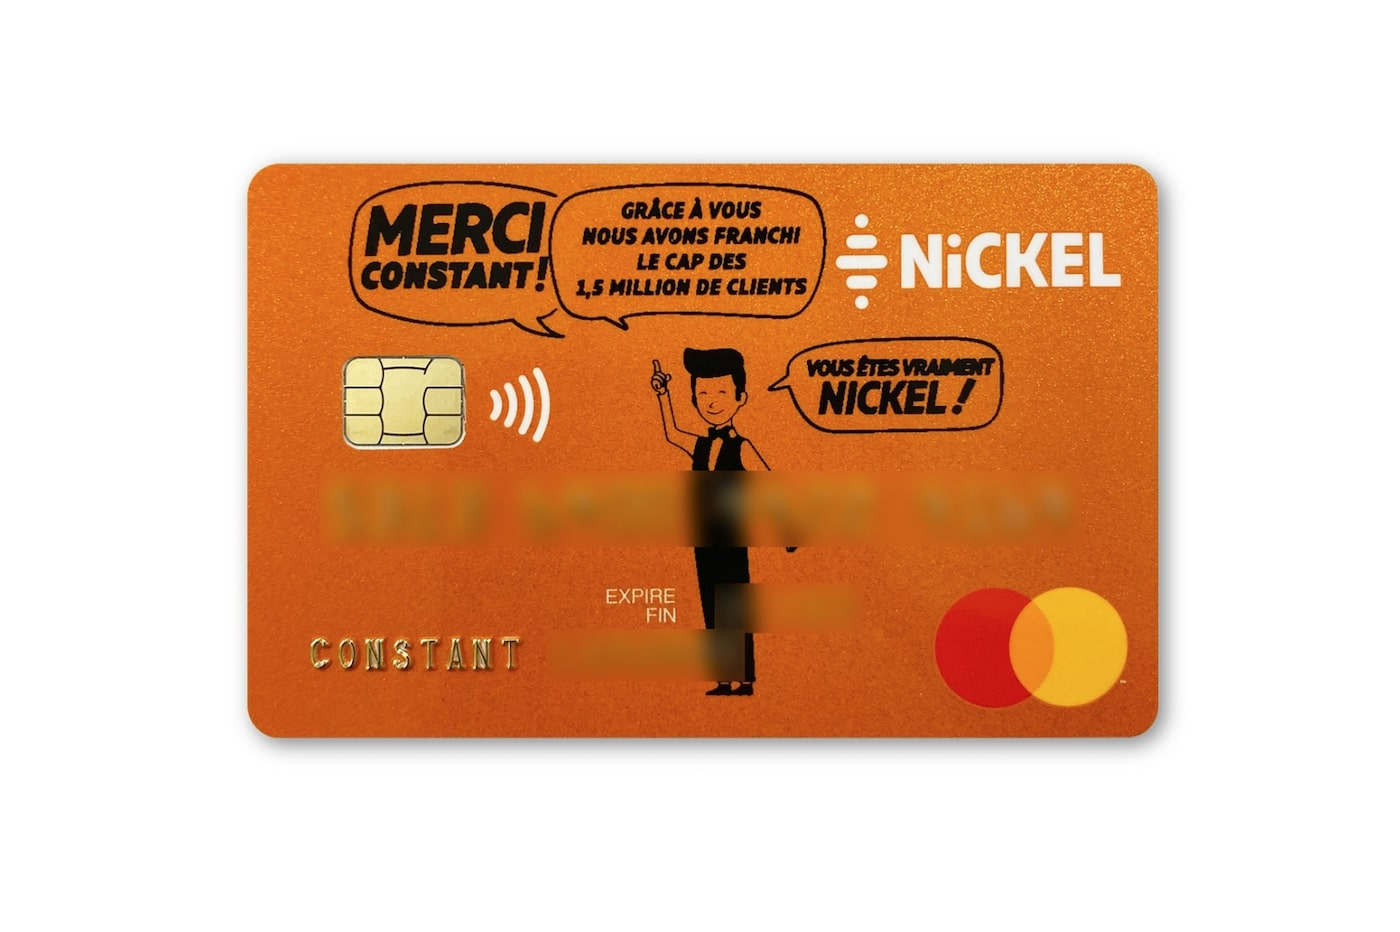 Le Compte Nickel célèbre 1.5m de clients avec un petit changement